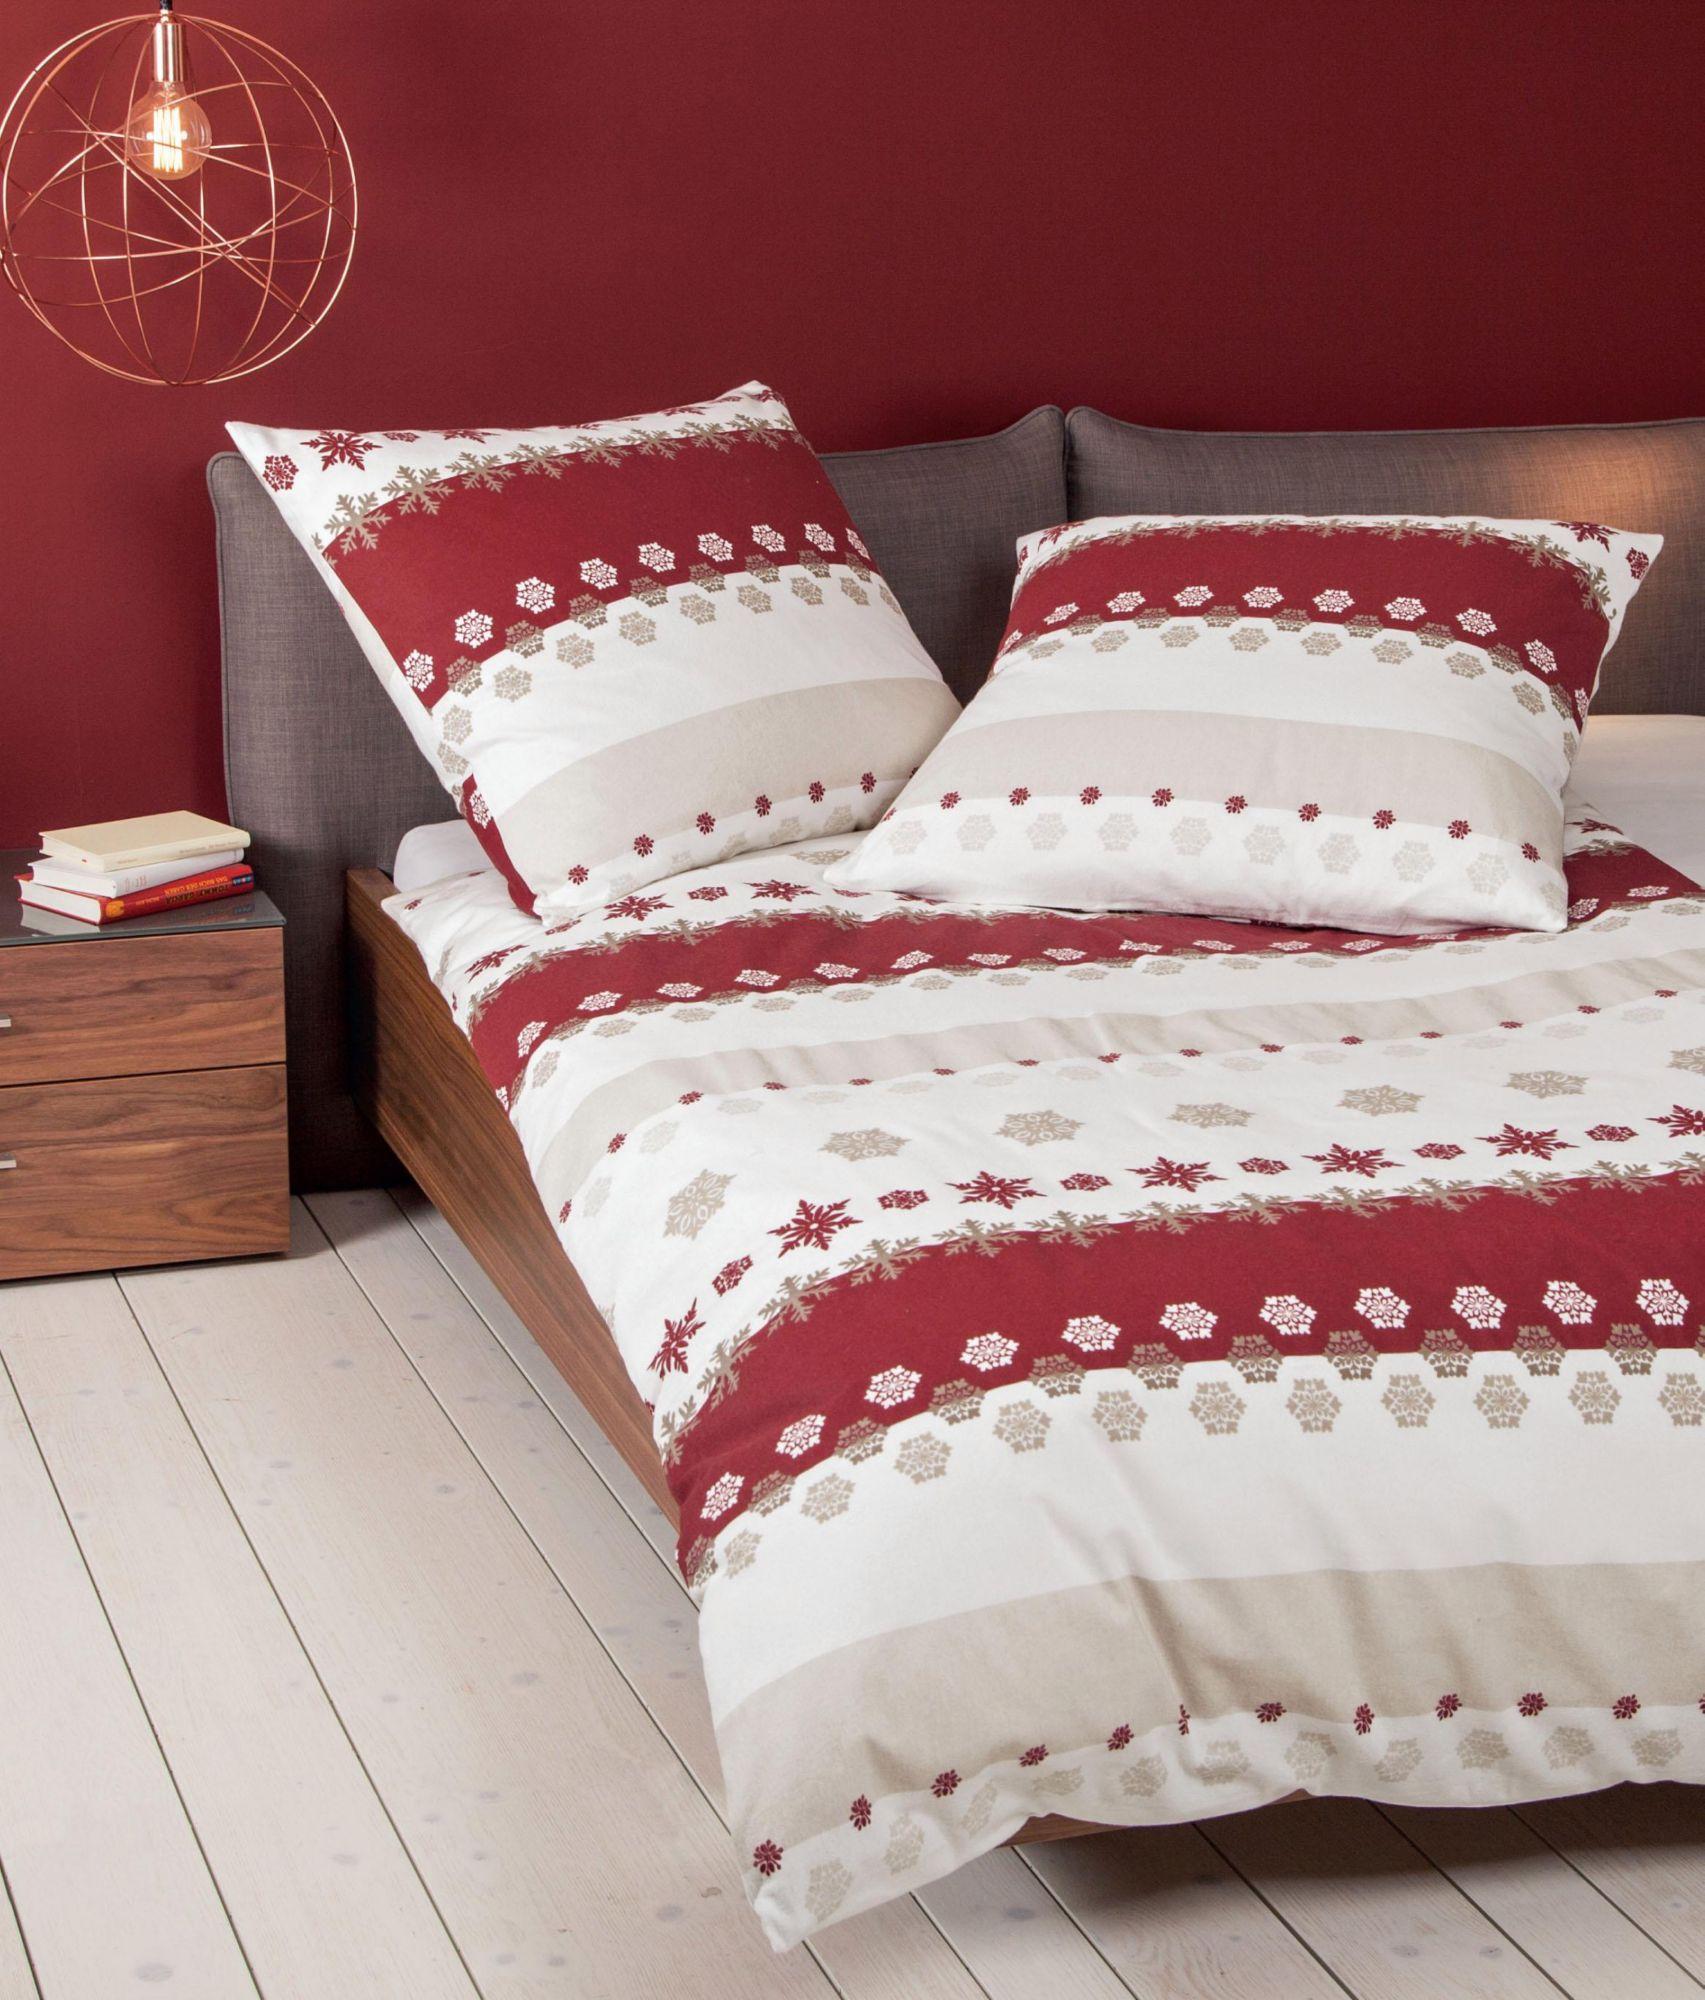 bettw sche janine winter dream mit schneeflocken. Black Bedroom Furniture Sets. Home Design Ideas